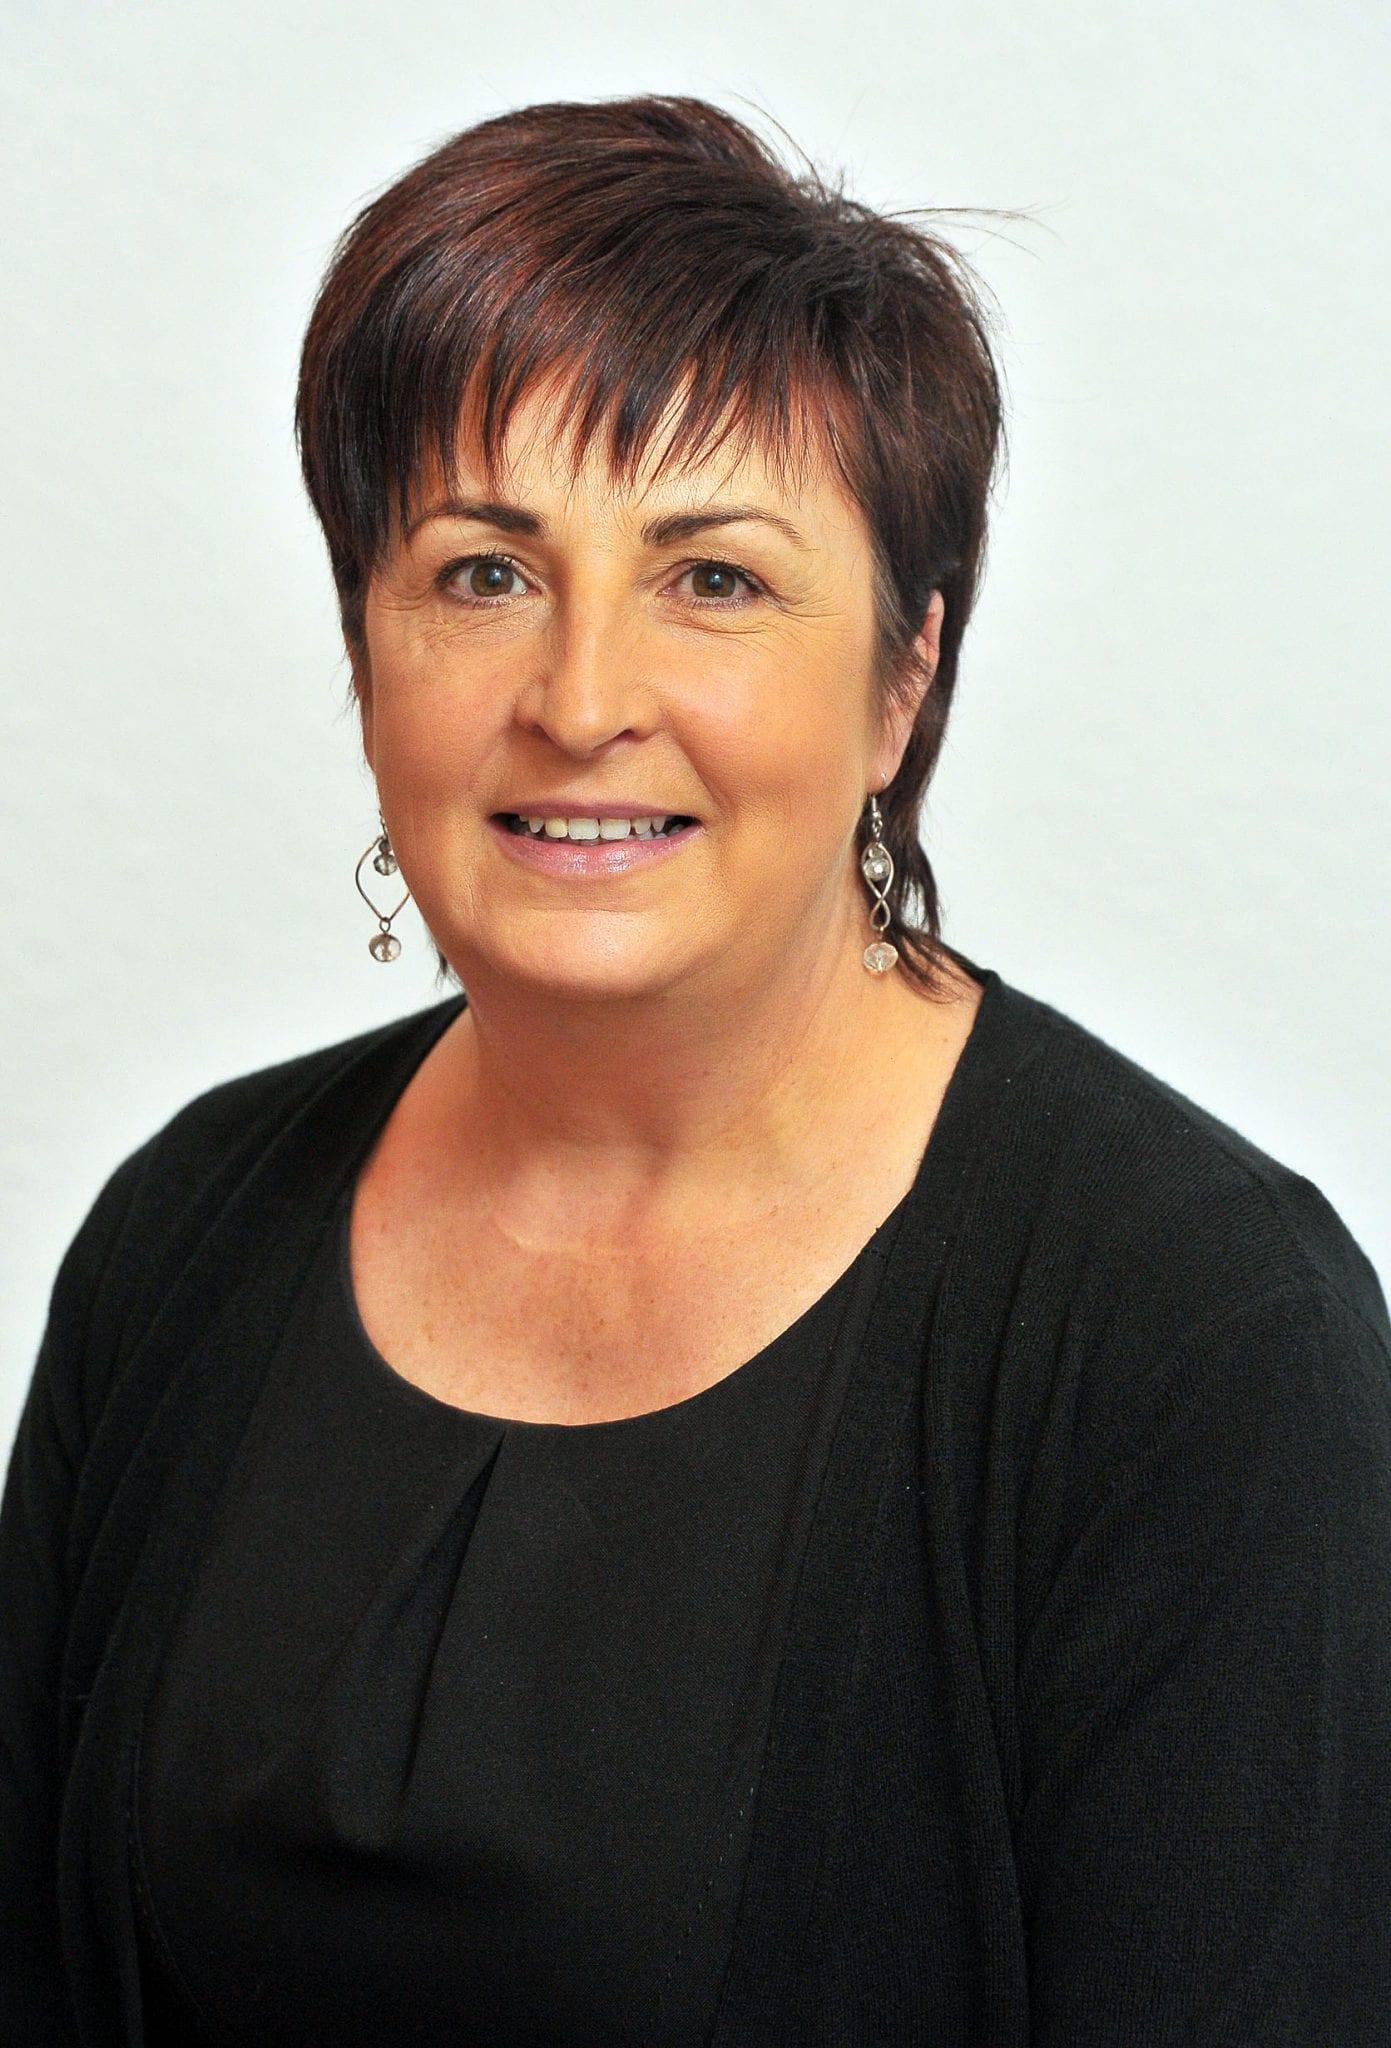 Colette Fee - Profile